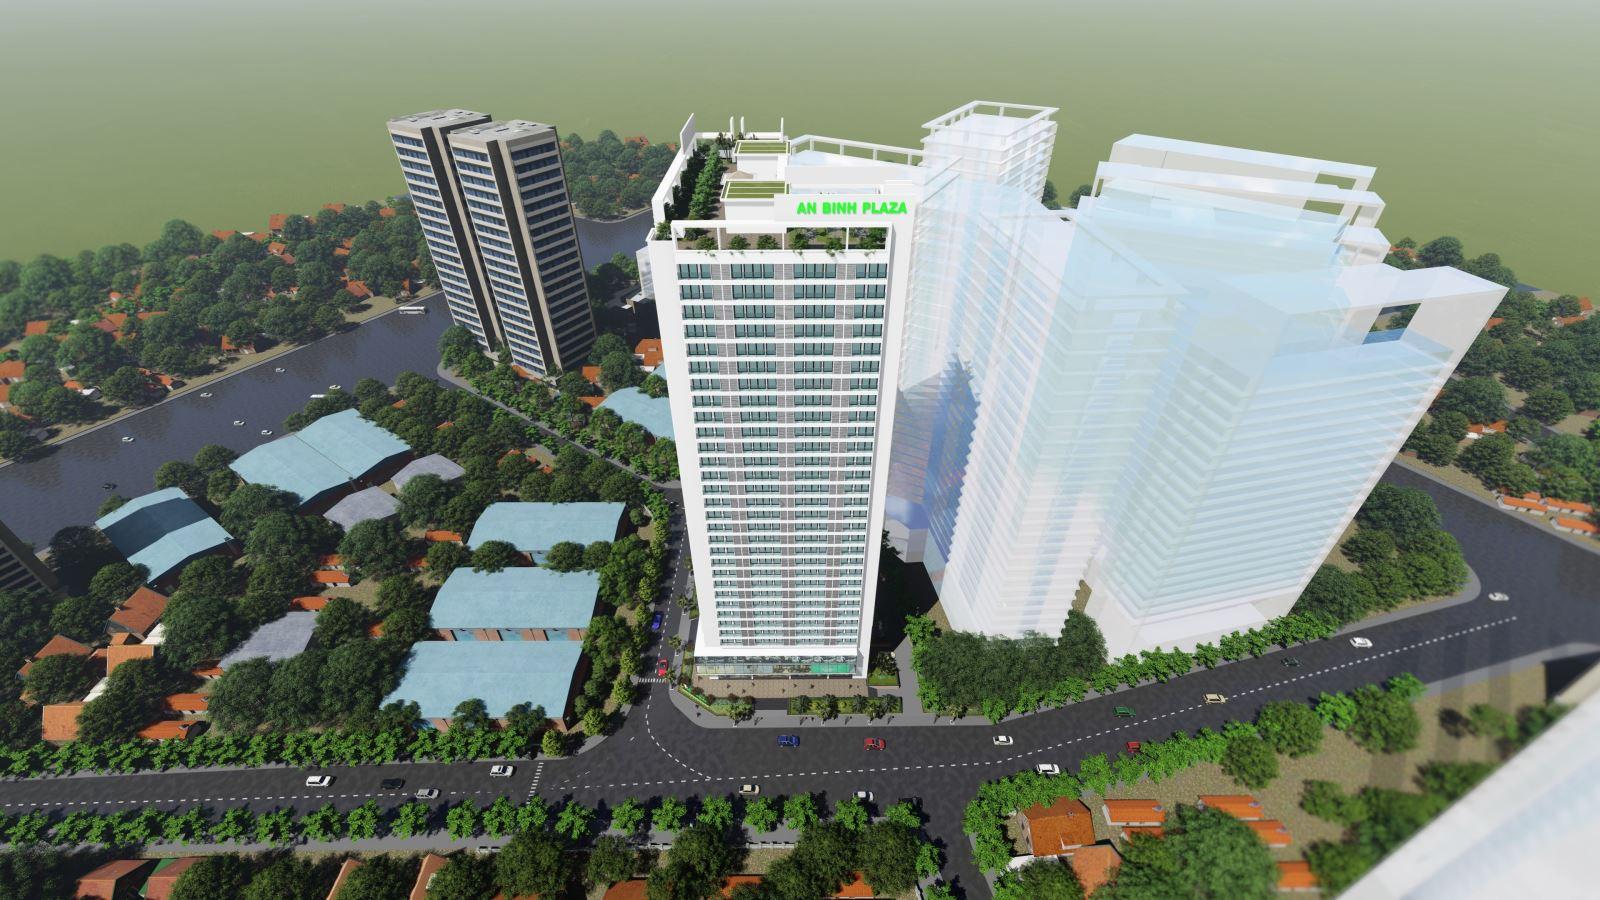 Chung cư An Bình Plaza 97 Trần Bình